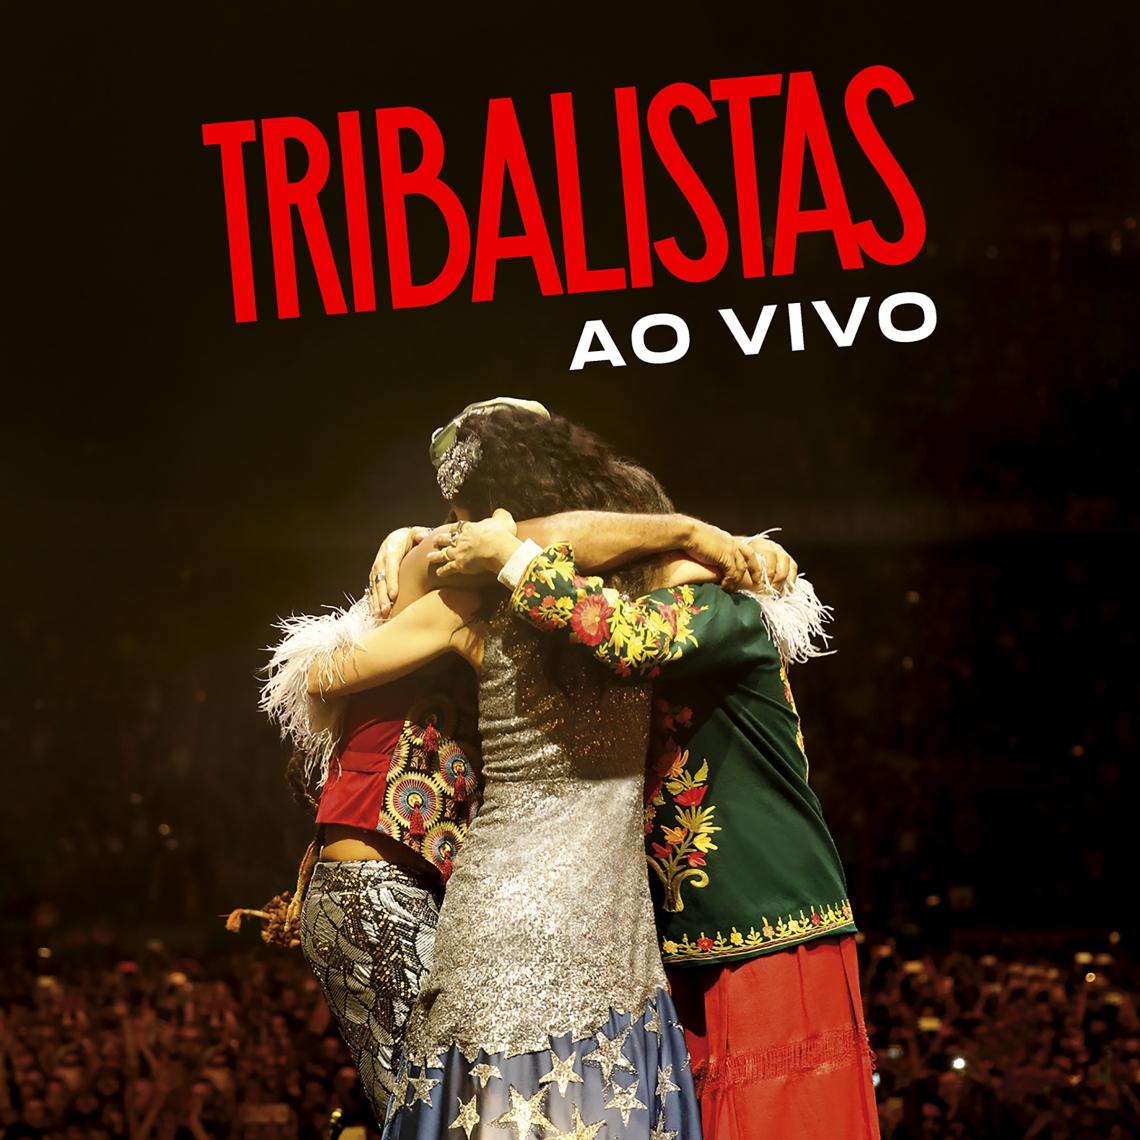 O novo disco dos Tribalistas foi gravado no Allianz Parque (São Paulo), em agosto de 2018